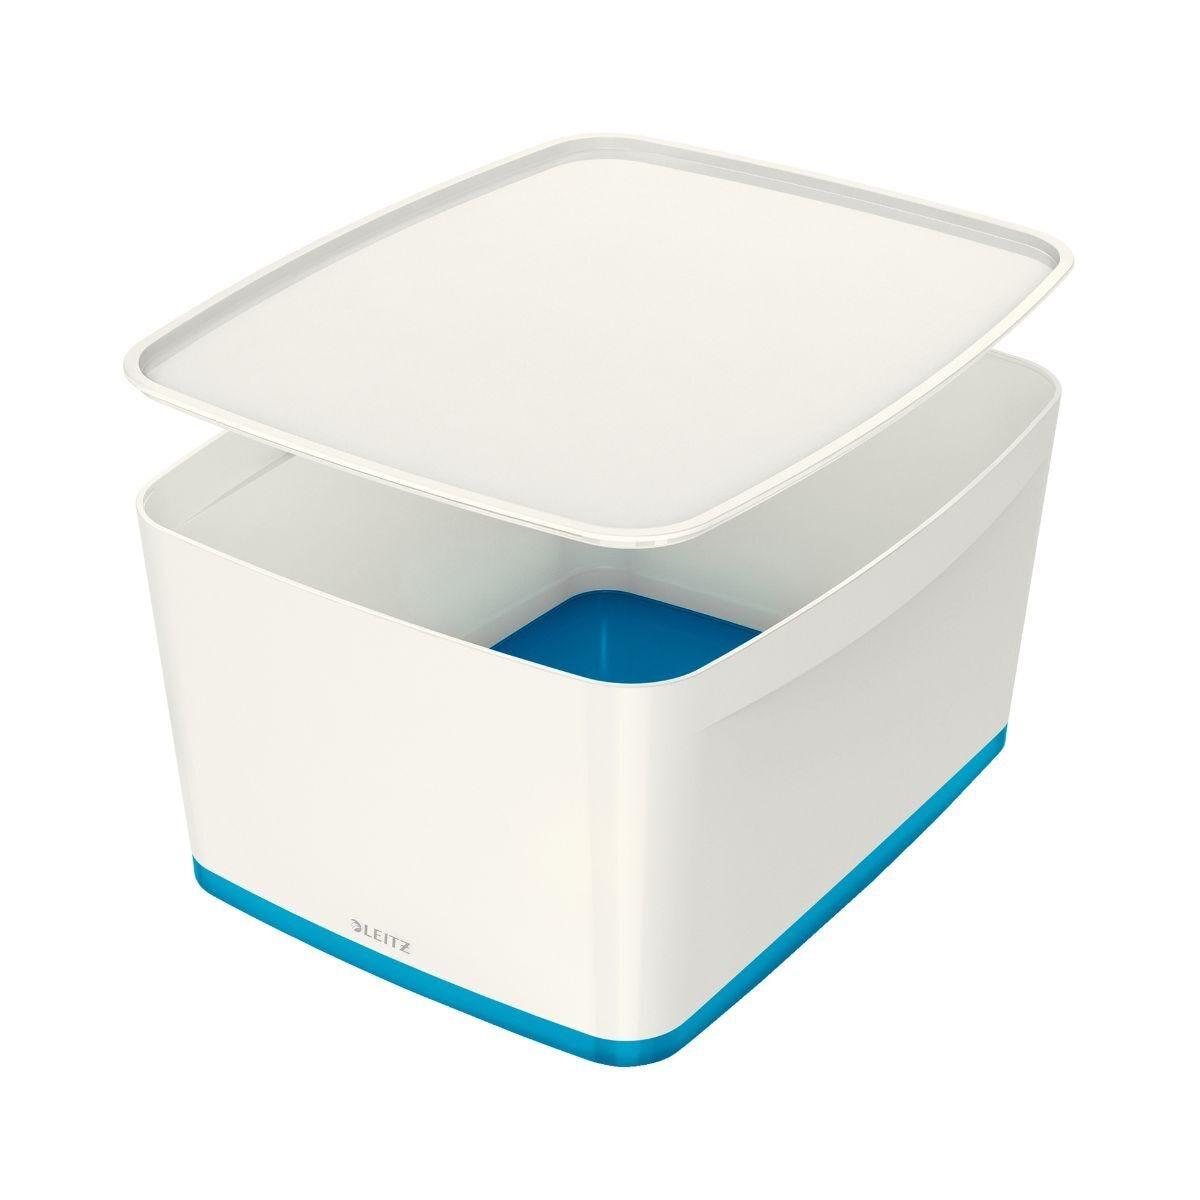 Leitz MyBox Large Storage Box With Lid Blue